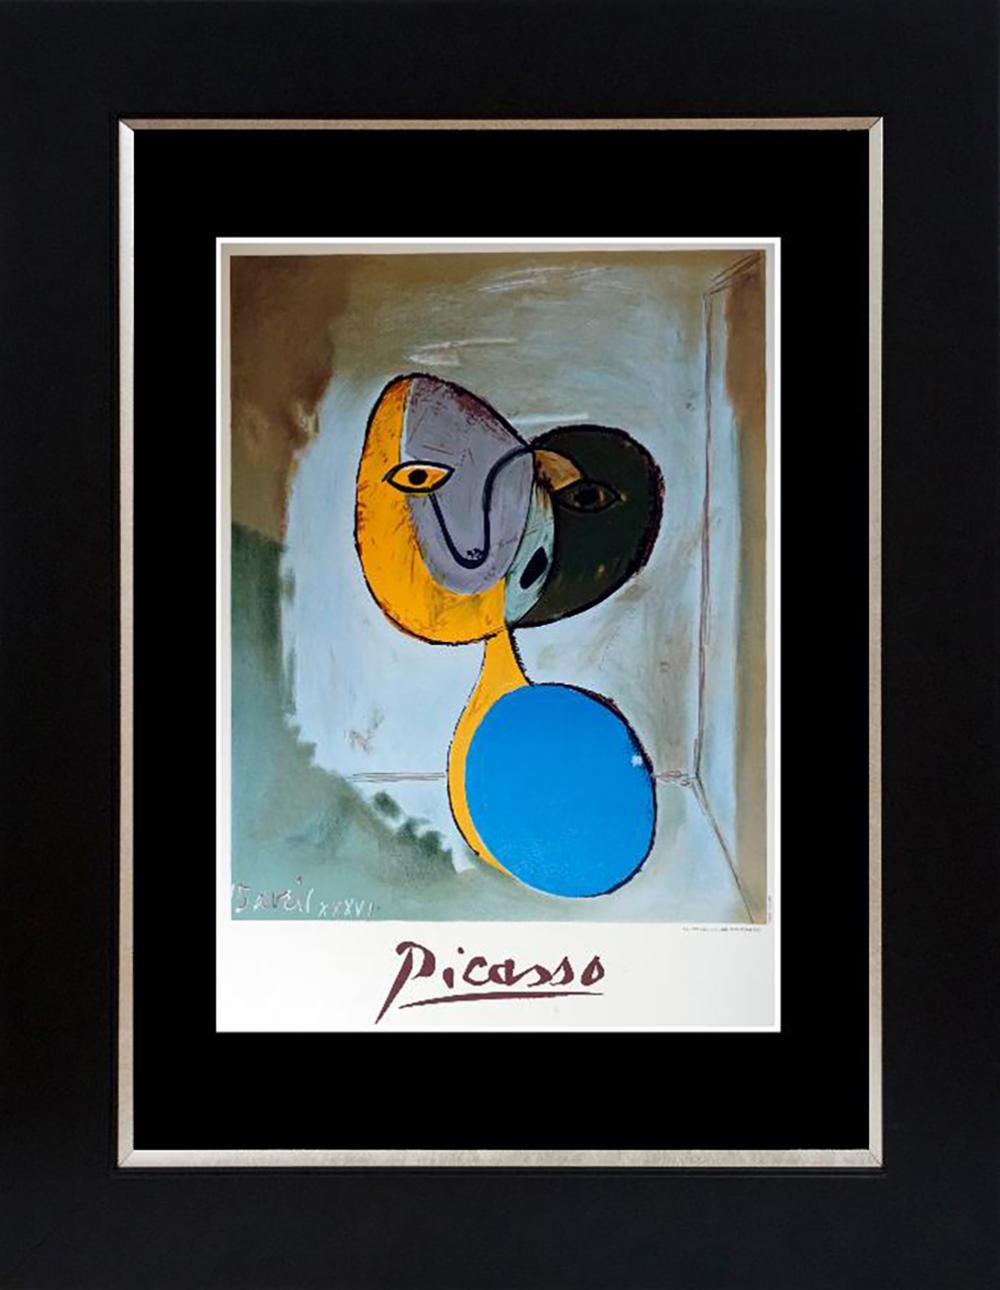 Pablo Picasso Lithograph 1980